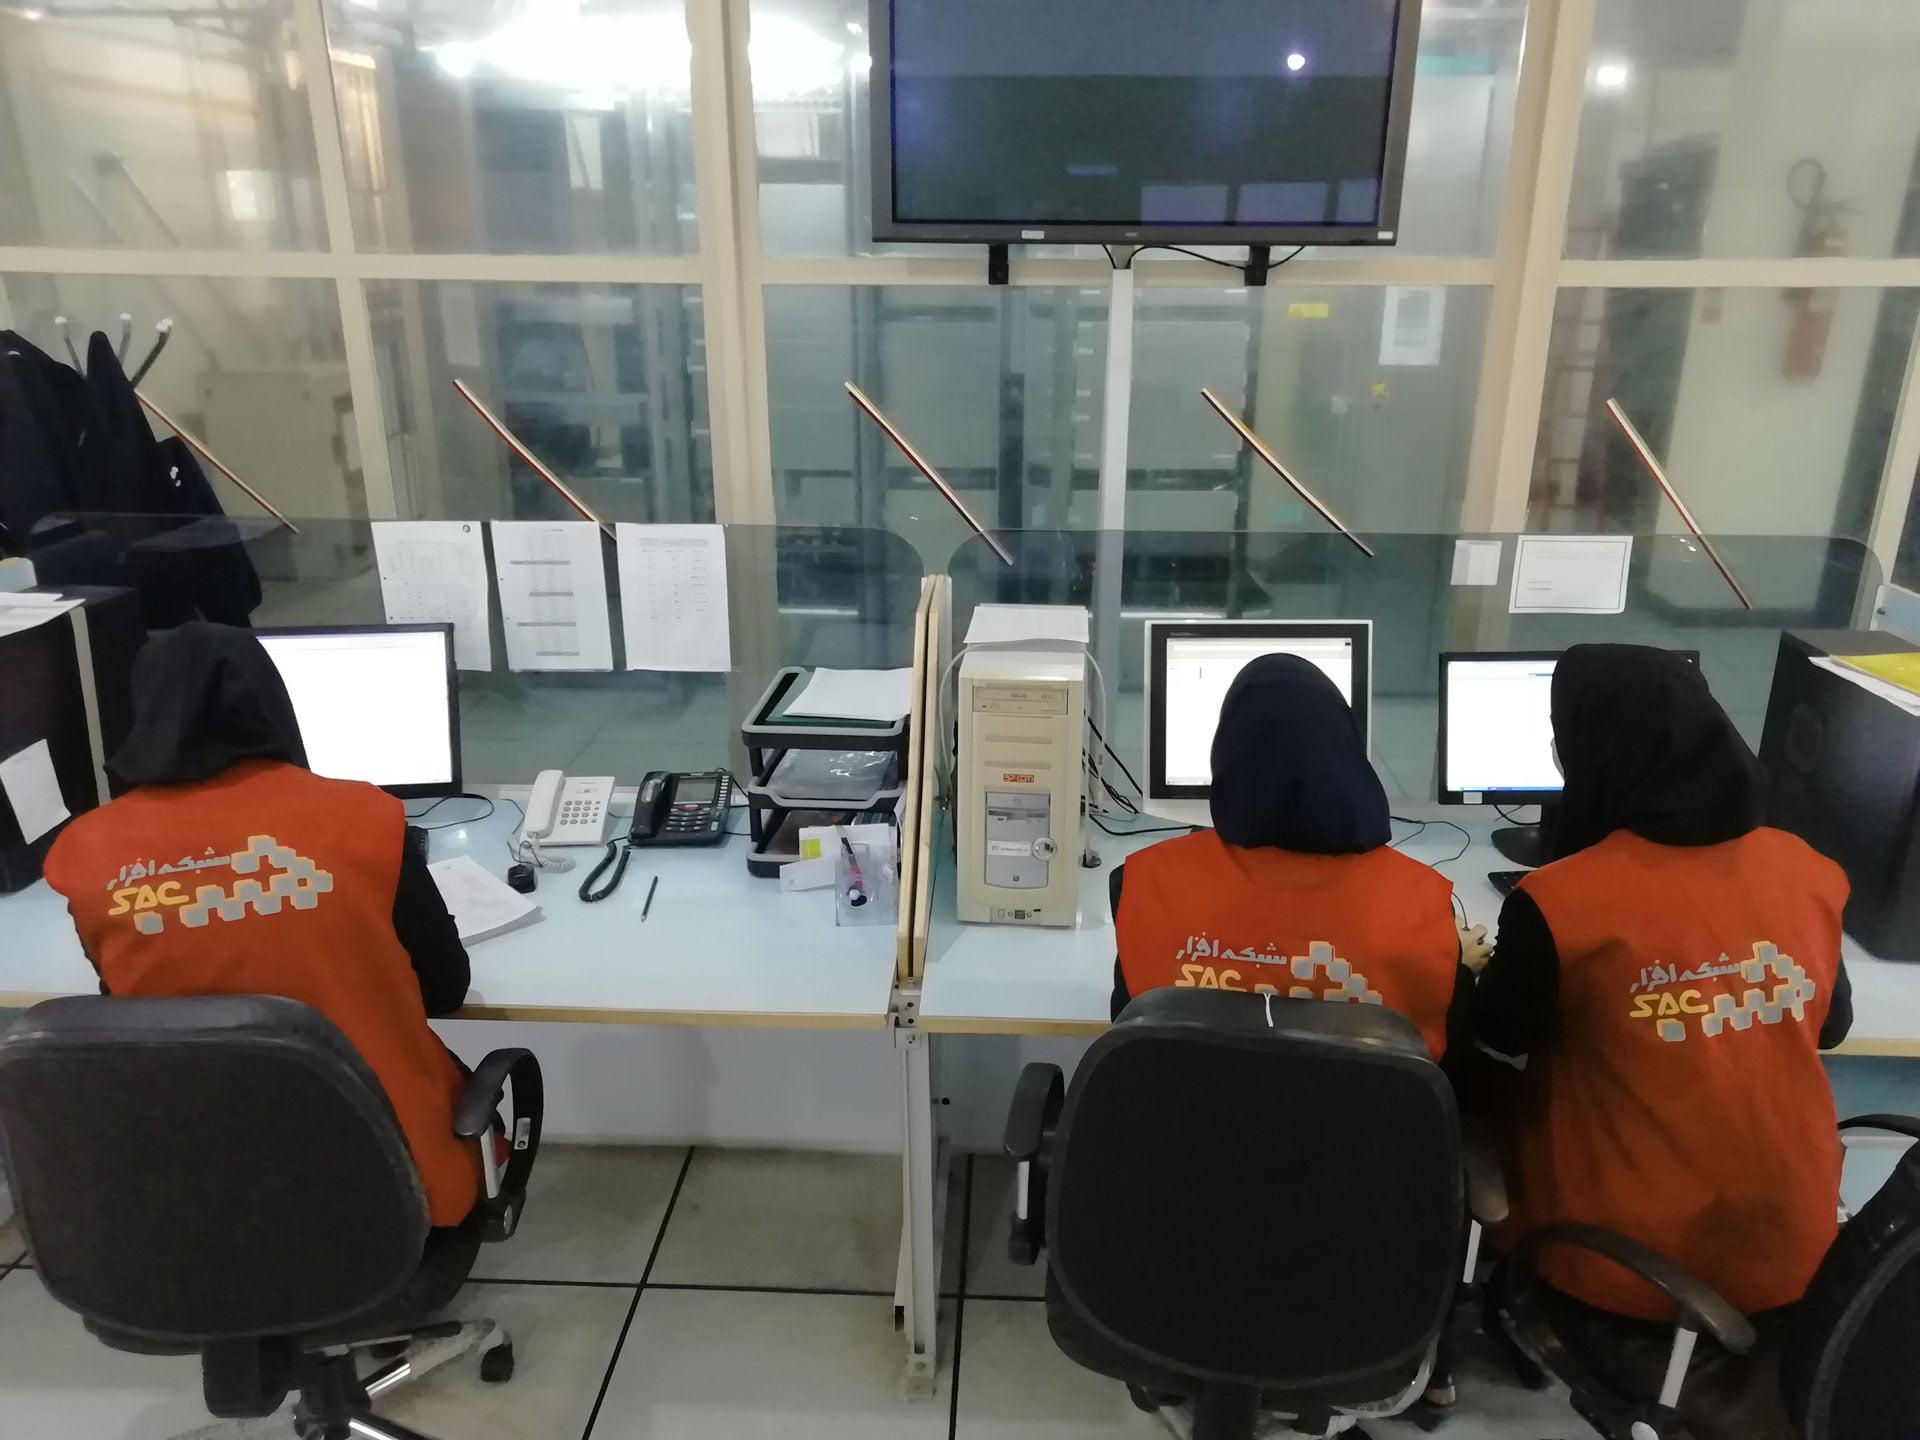 خدمات نگهداری، پشتیبانی و بهسازی شبکه های مادر مخابراتی زیر ساخت کشور